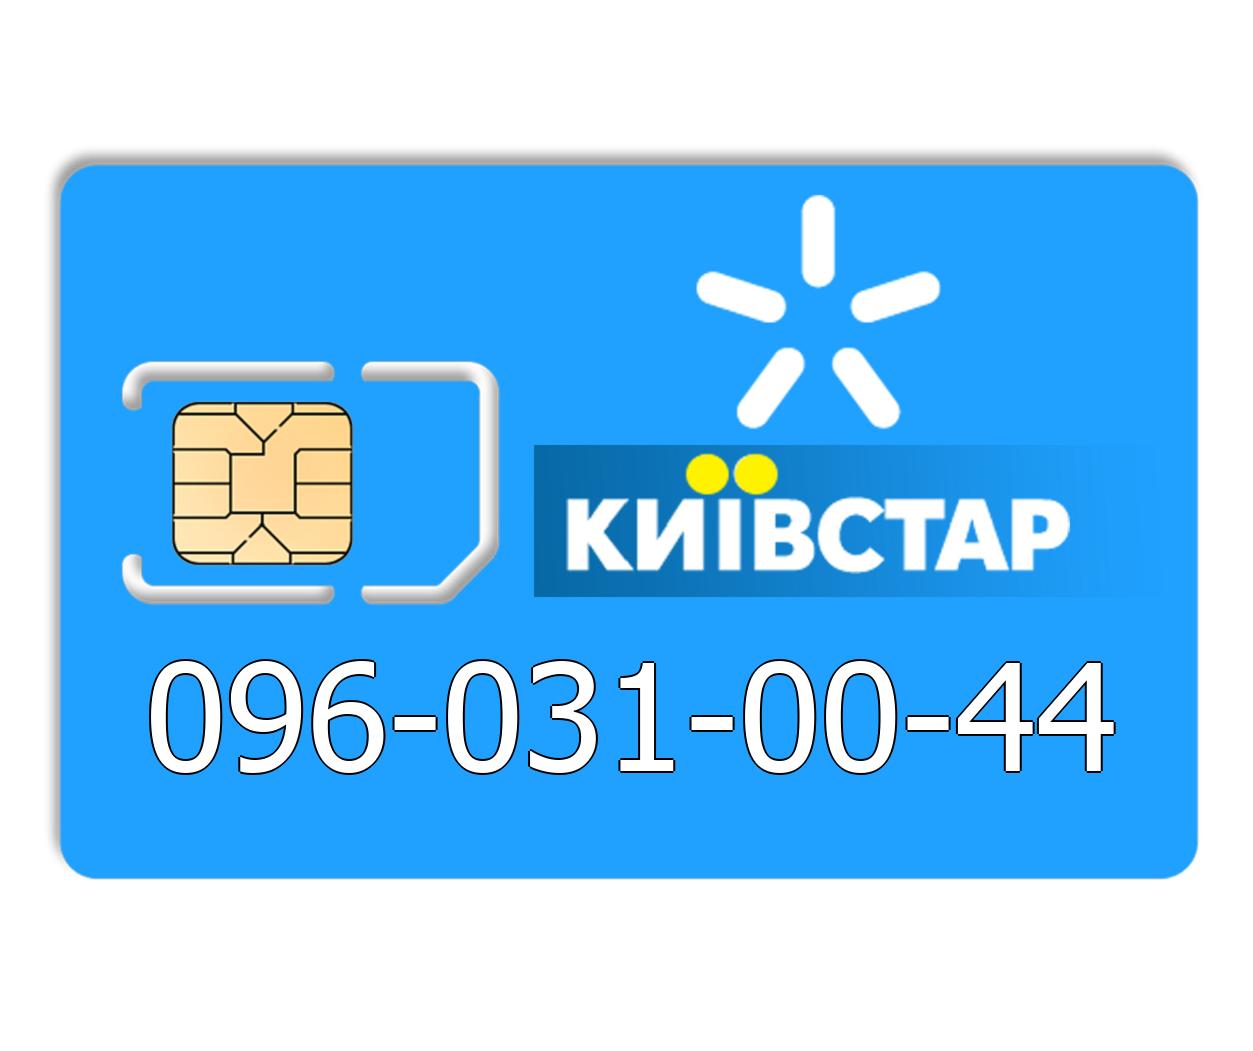 Красивый номер Киевстар 096-031-00-44